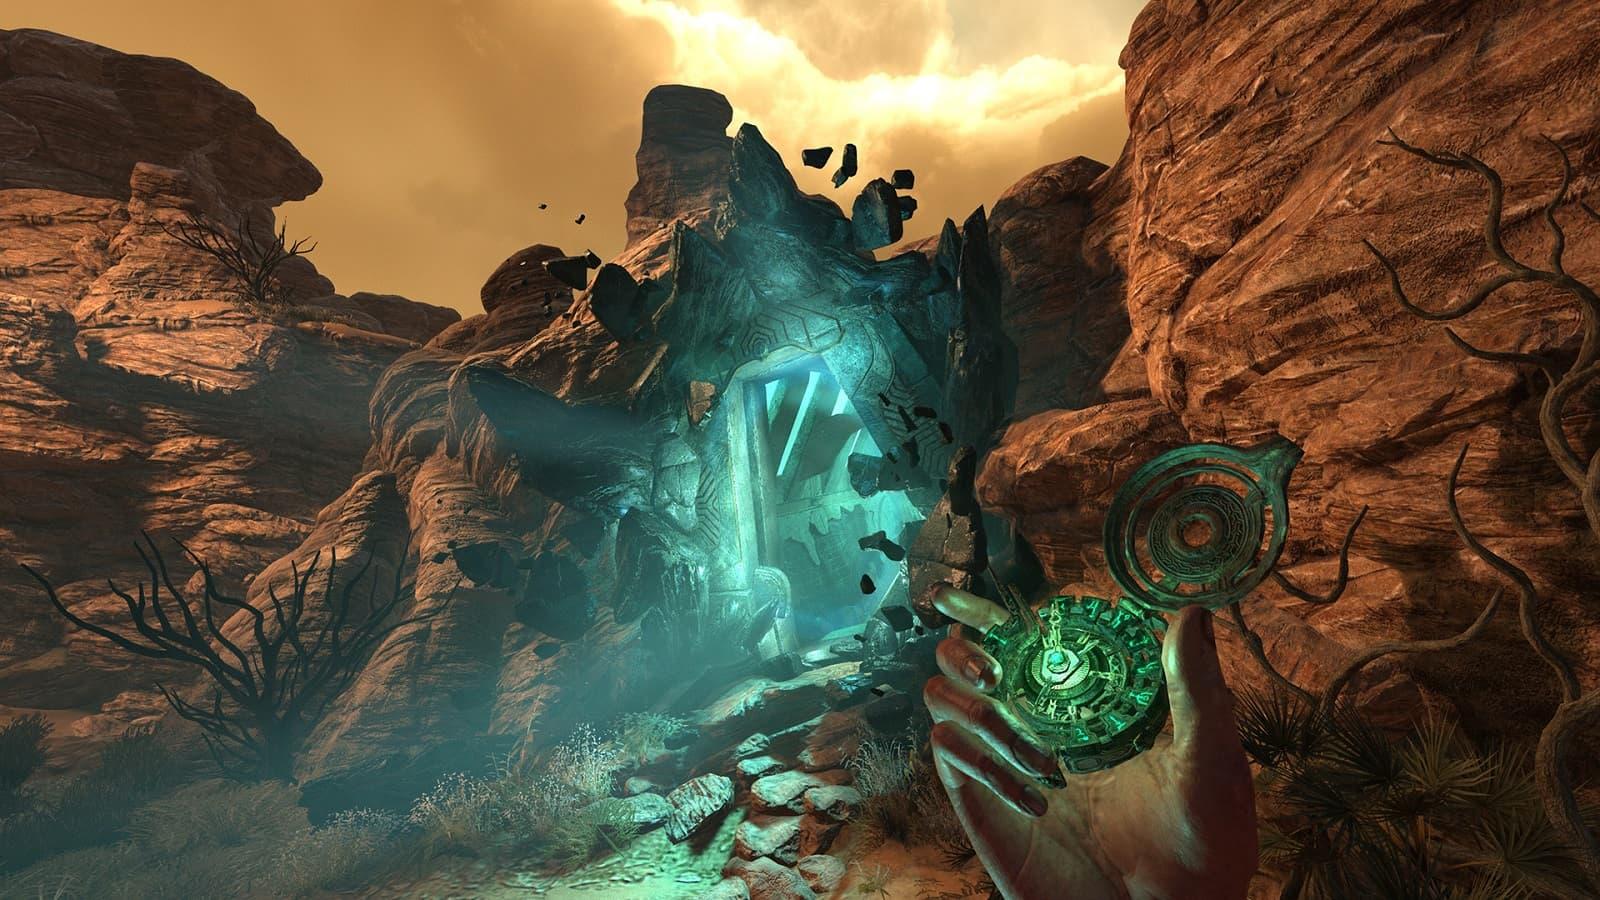 Рецензия на игру Amnesia: Rebirth - неплохой, но безнадёжно устаревший хоррор - 03